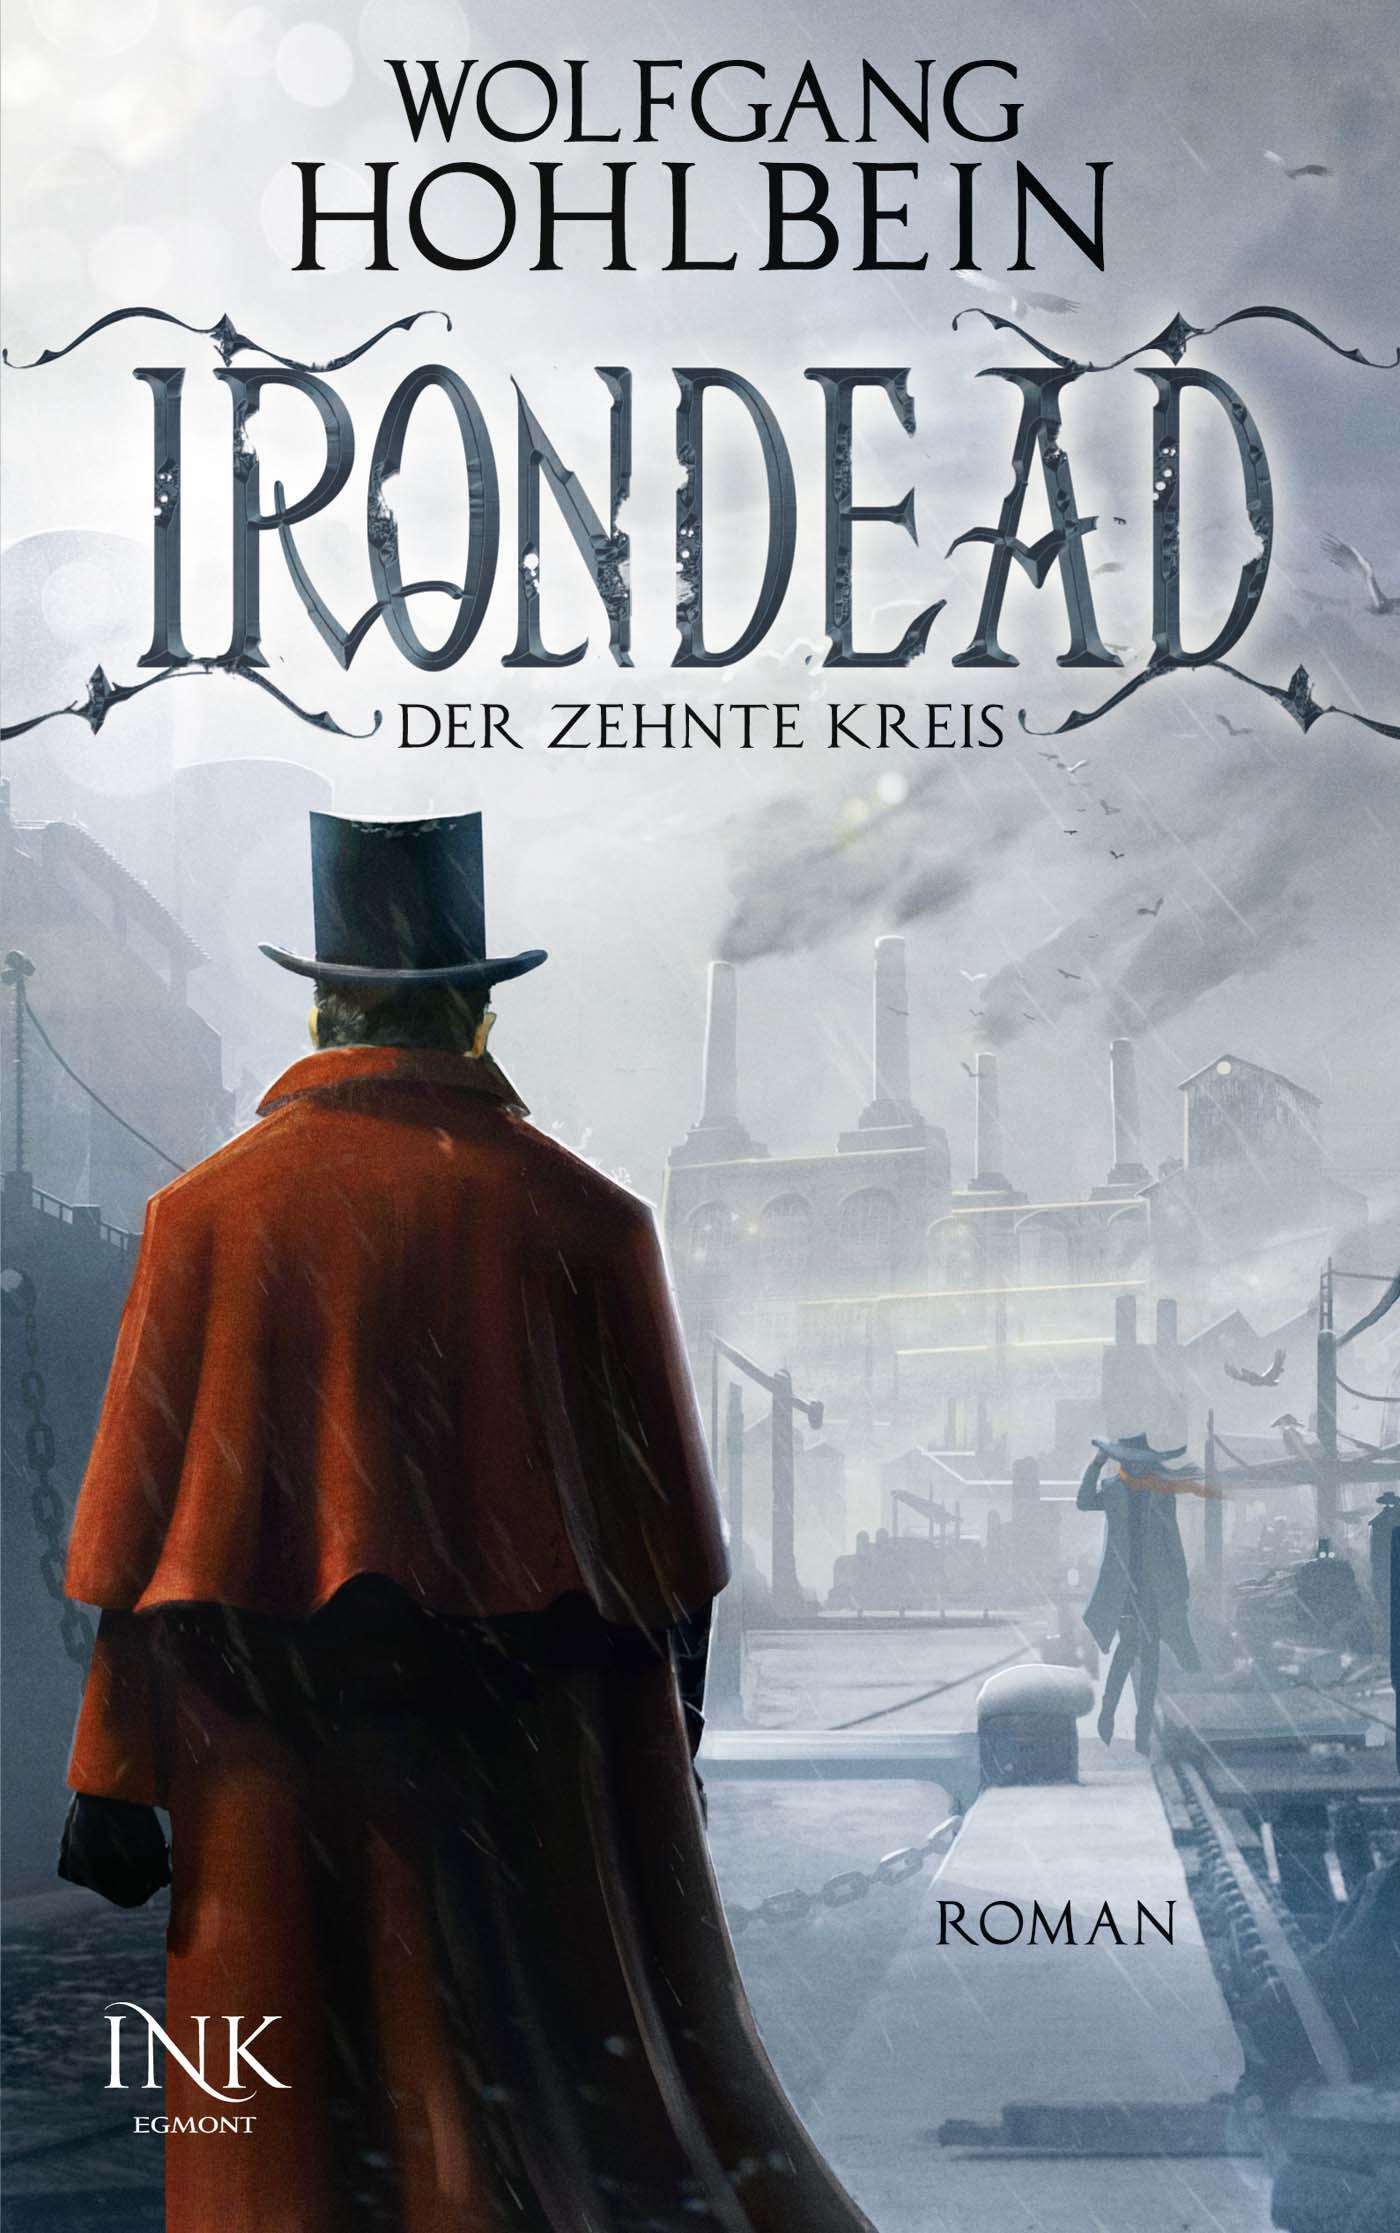 Irondead: Der zehnte Kreis - Wolfgang Hohlbein